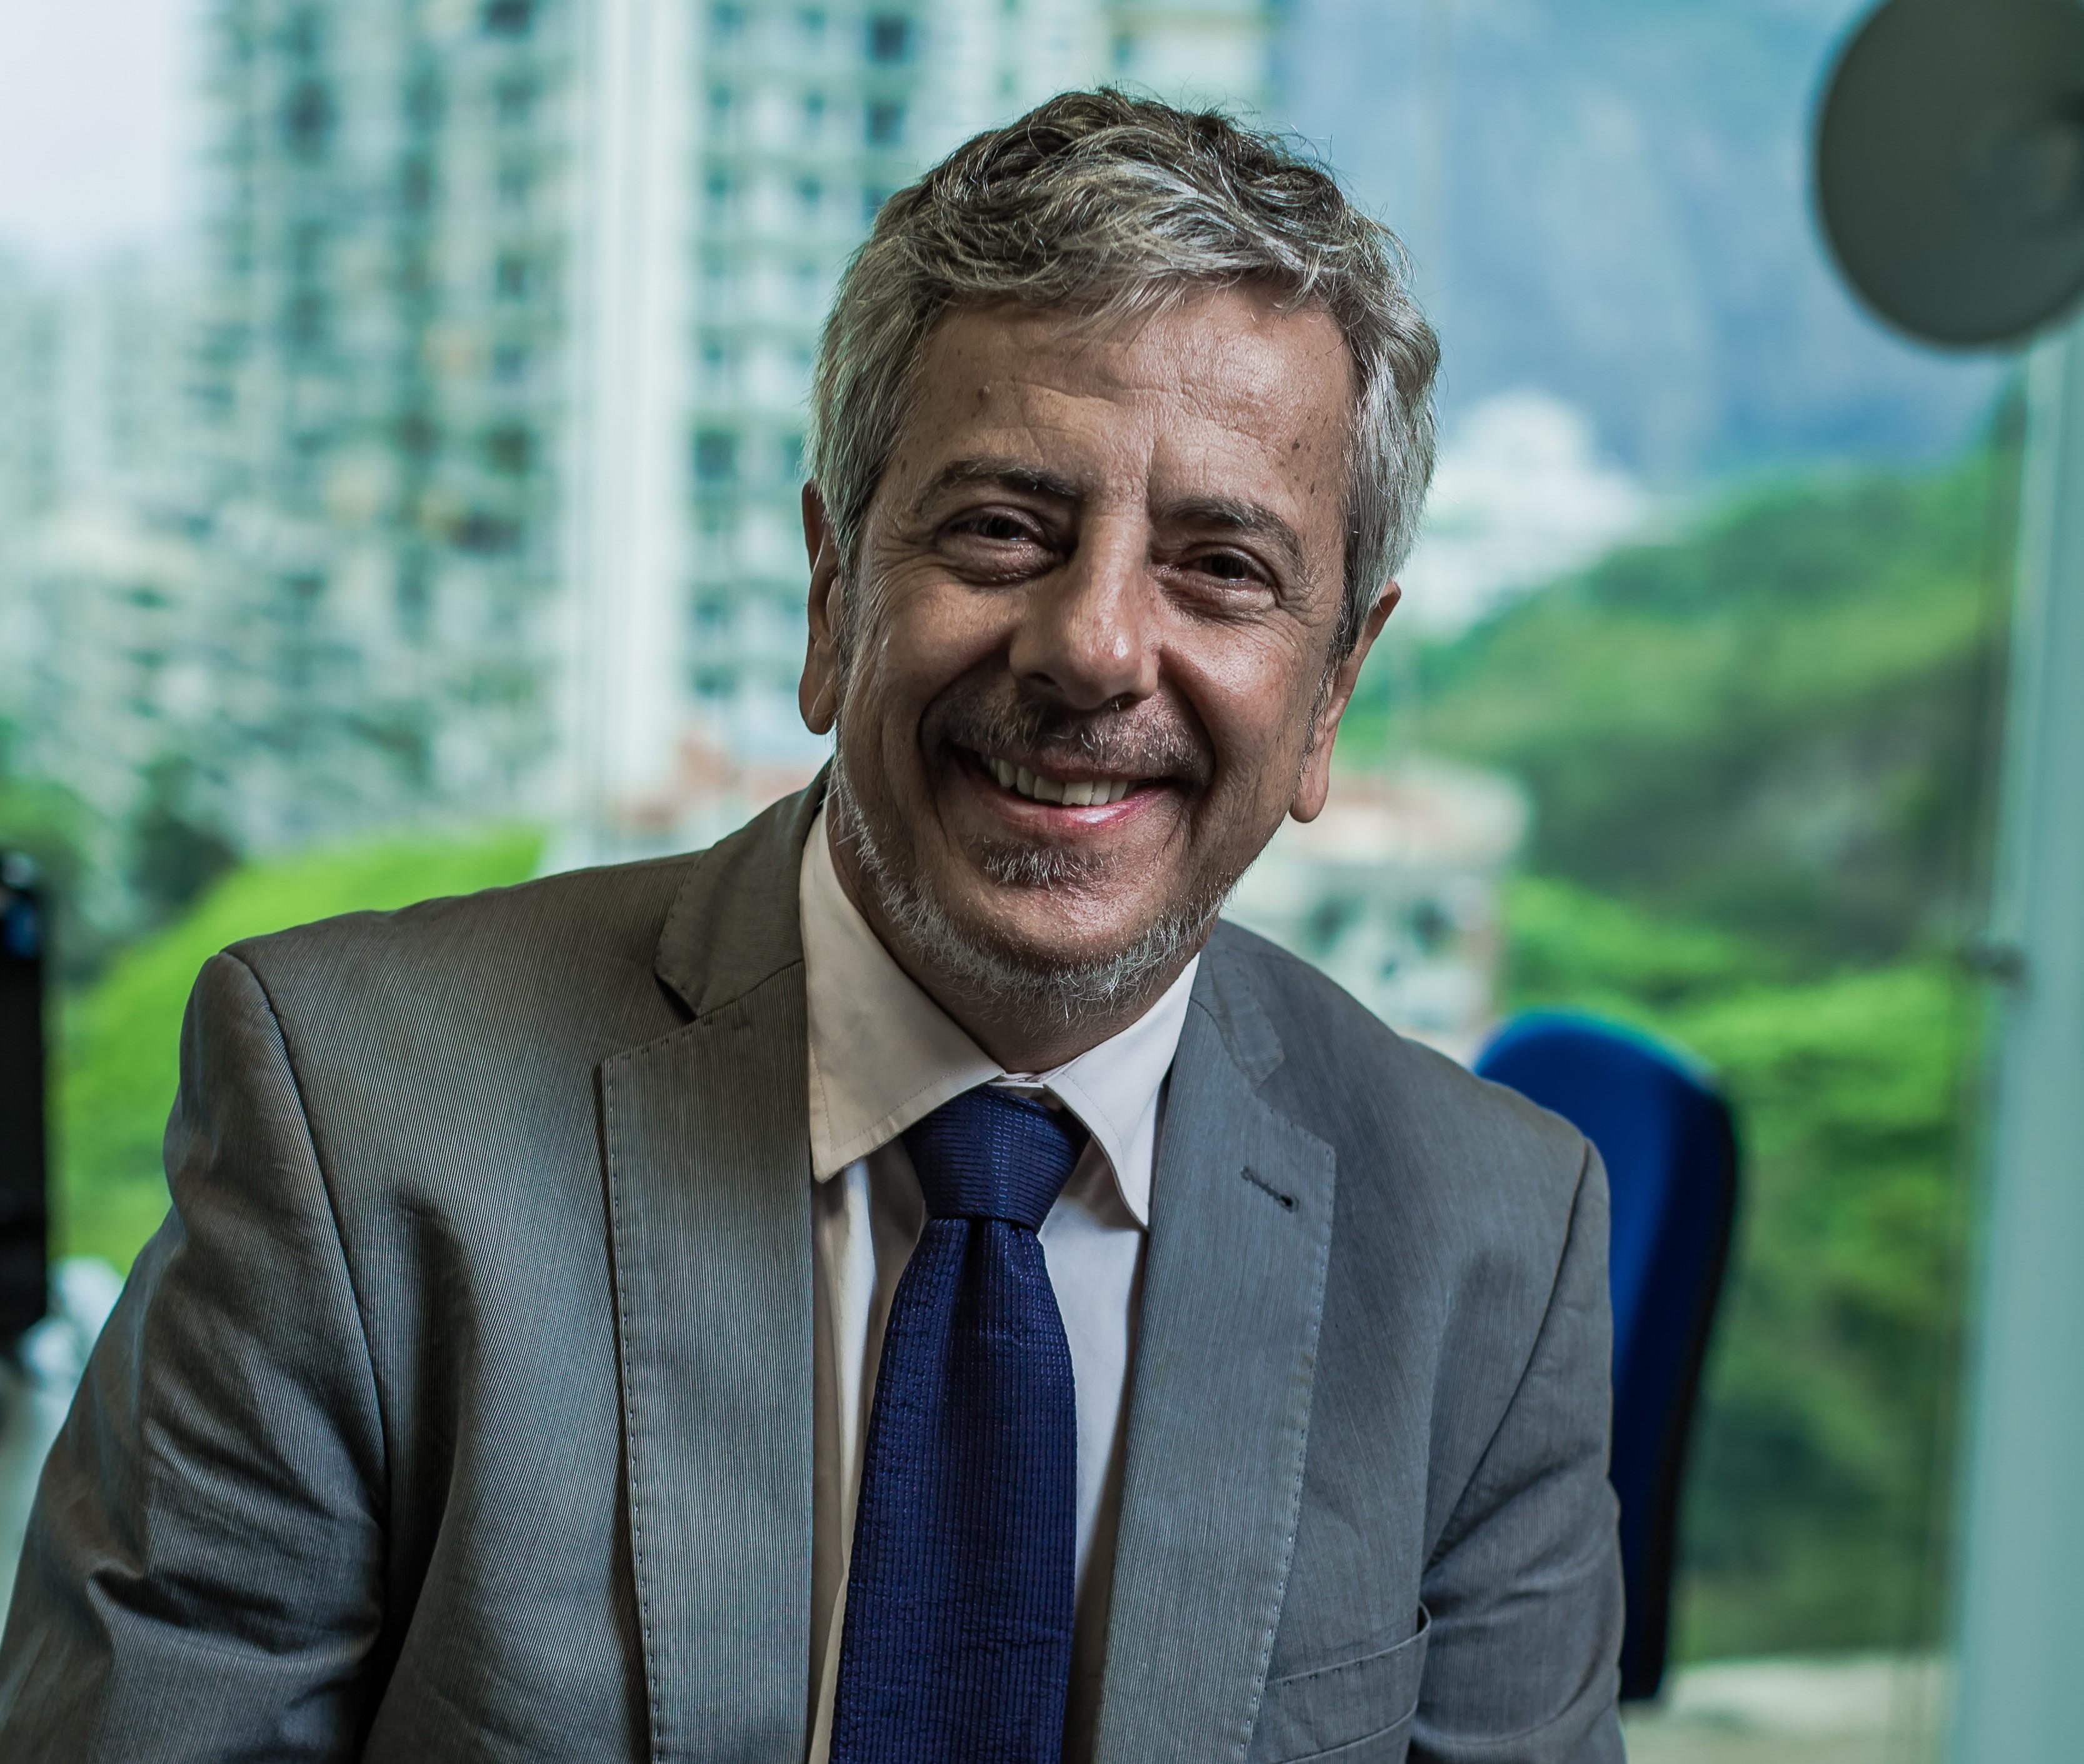 Diretor de Engenharia e Operações, Eduardo Grizendi